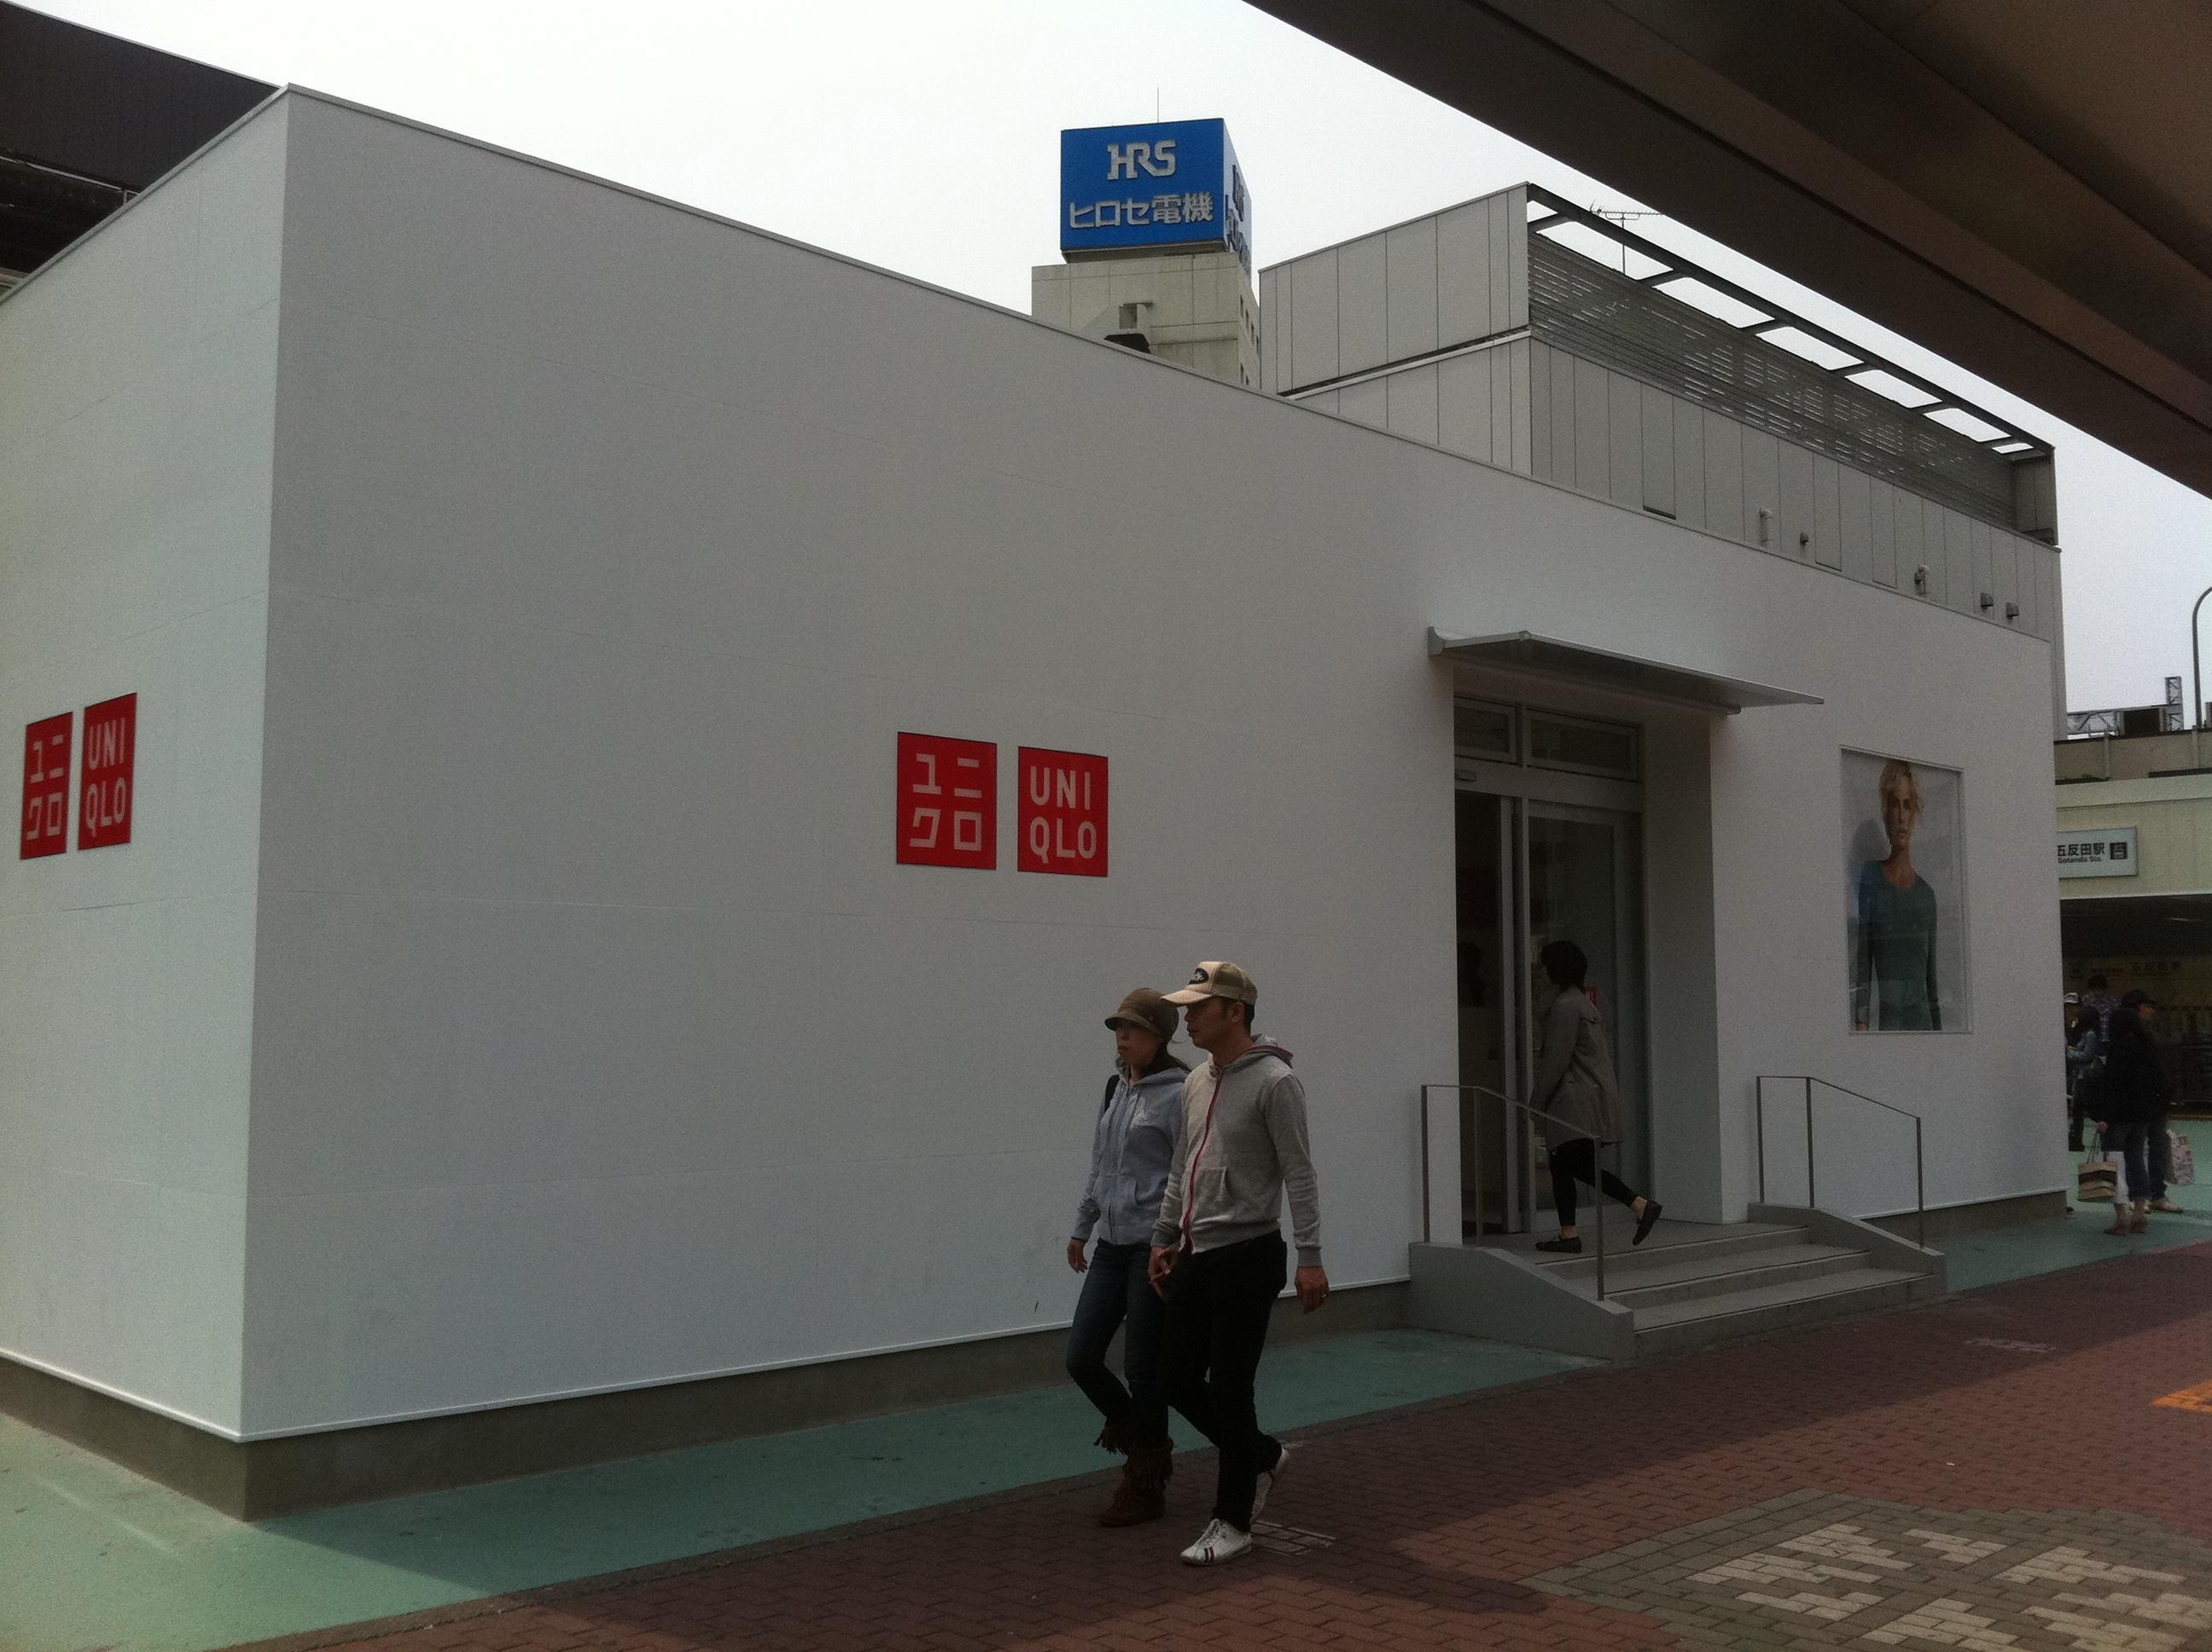 五反田ユニクロ外観 入口